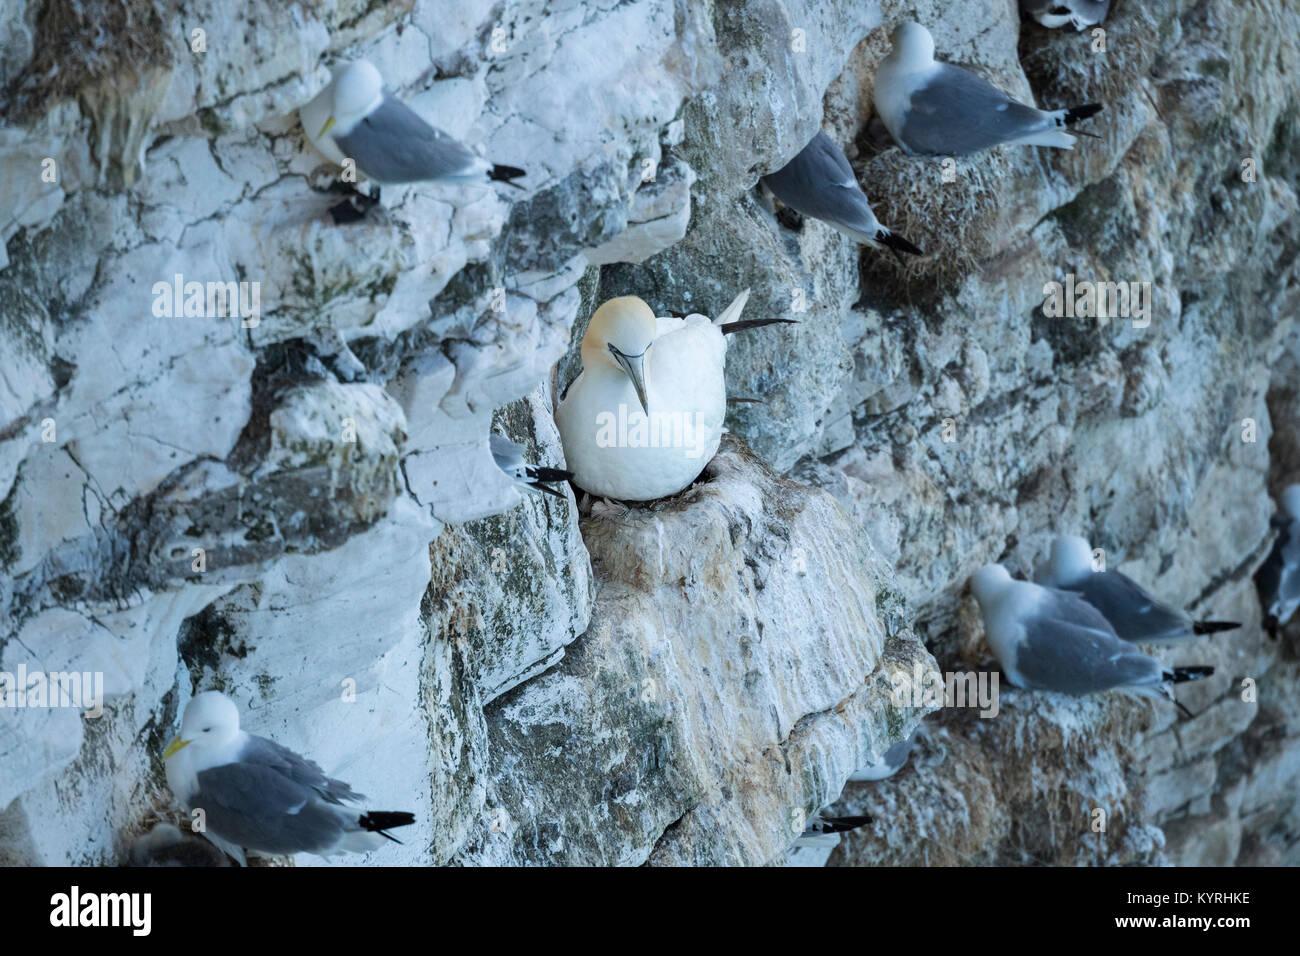 Blick auf einzelne gannett sitzen auf Nest an der Seite der Kreidefelsen, mit dreizehenmöwen nisten in der Stockbild